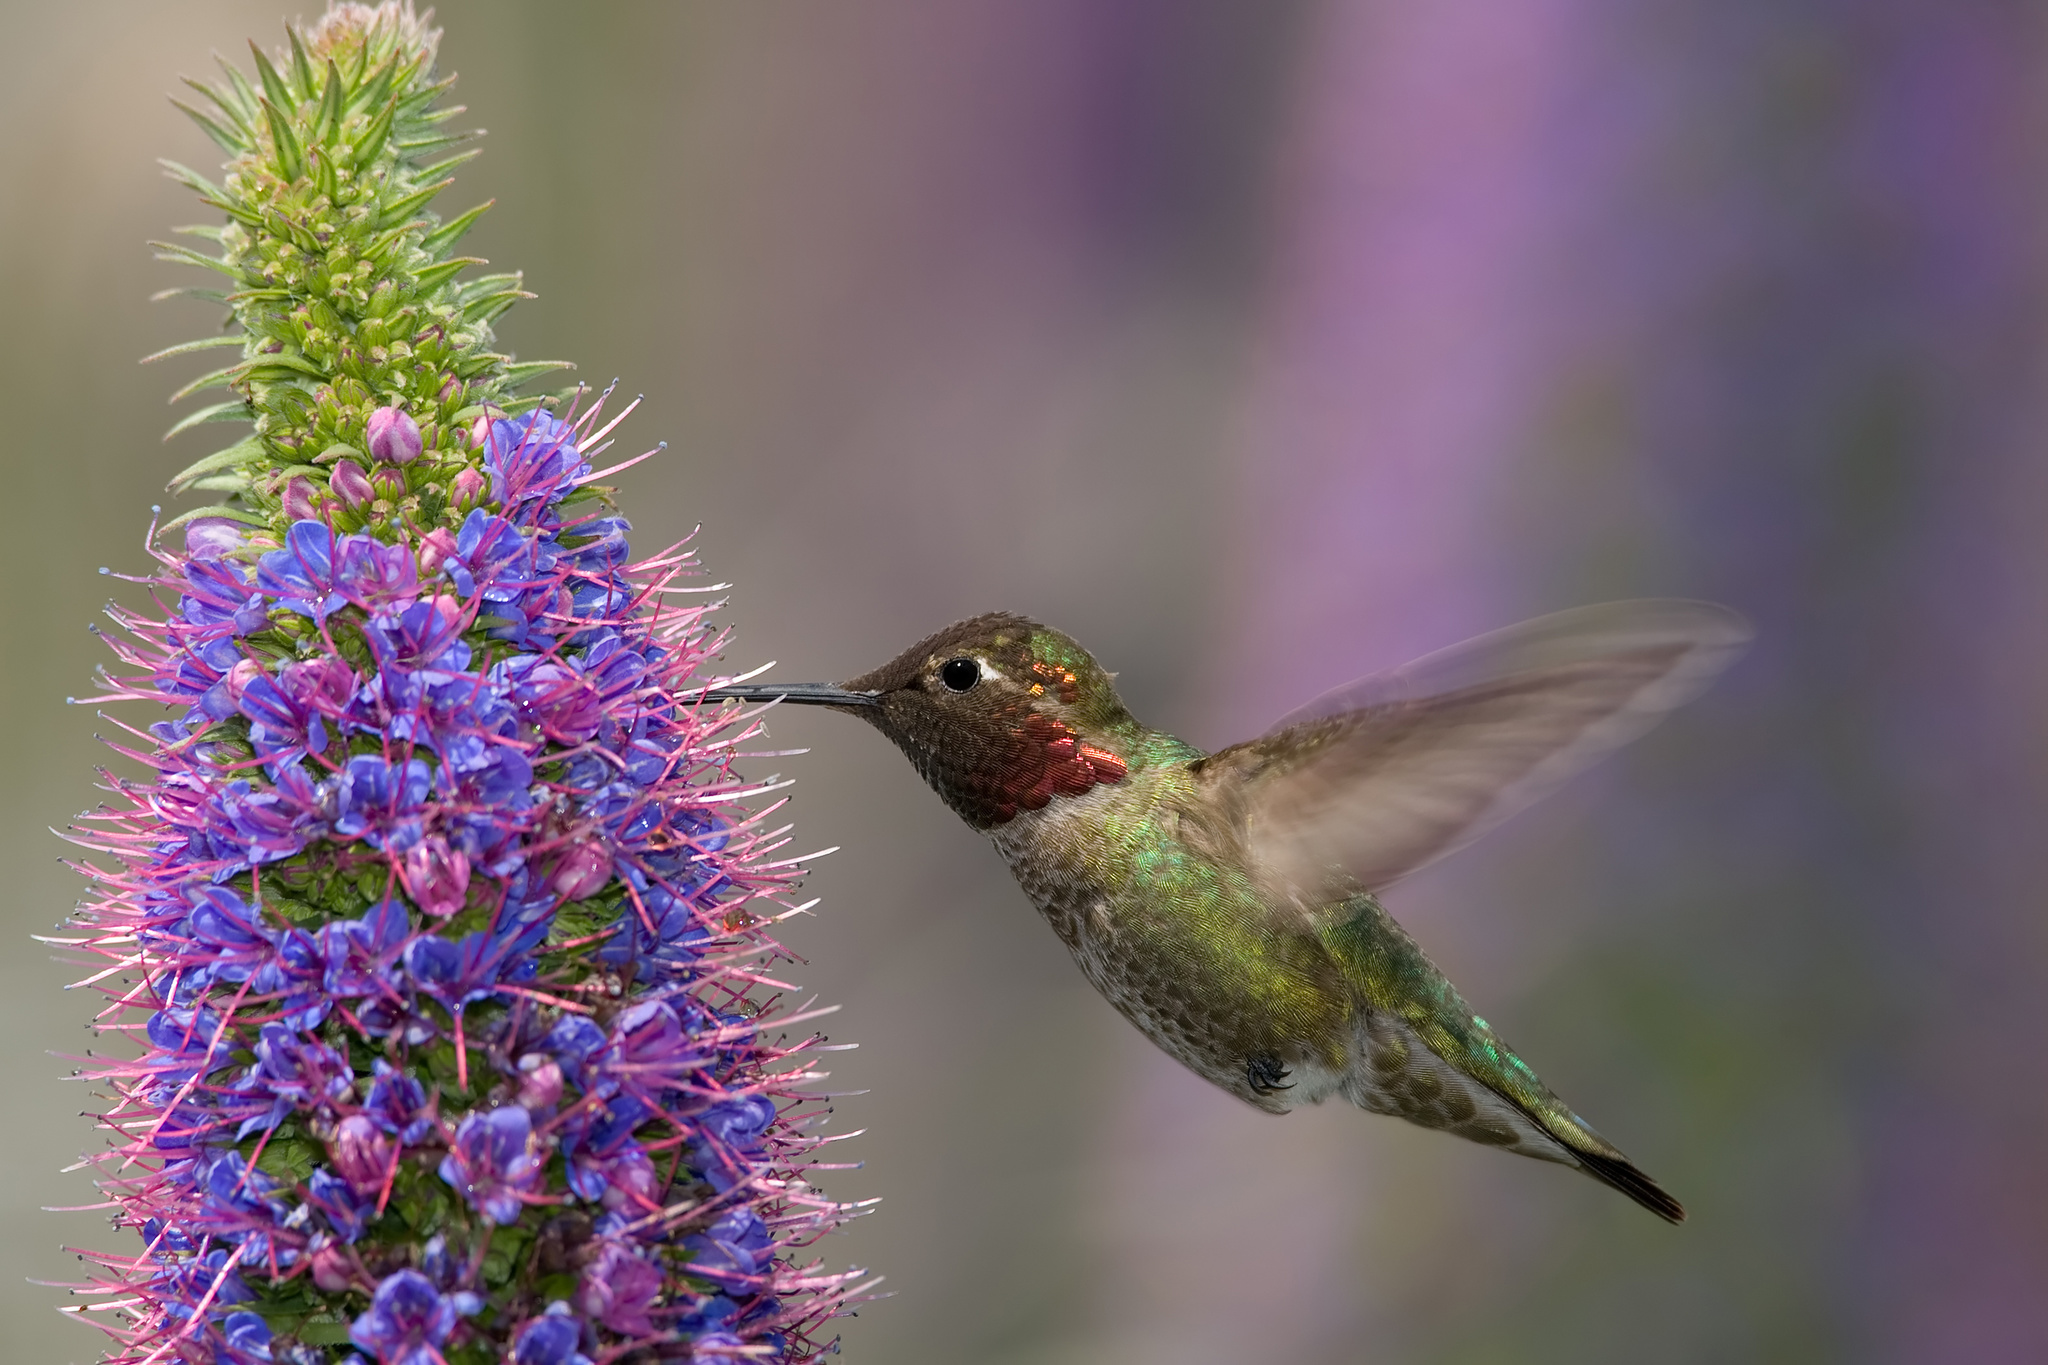 Un colibrí de Ana ('Calypte anna').